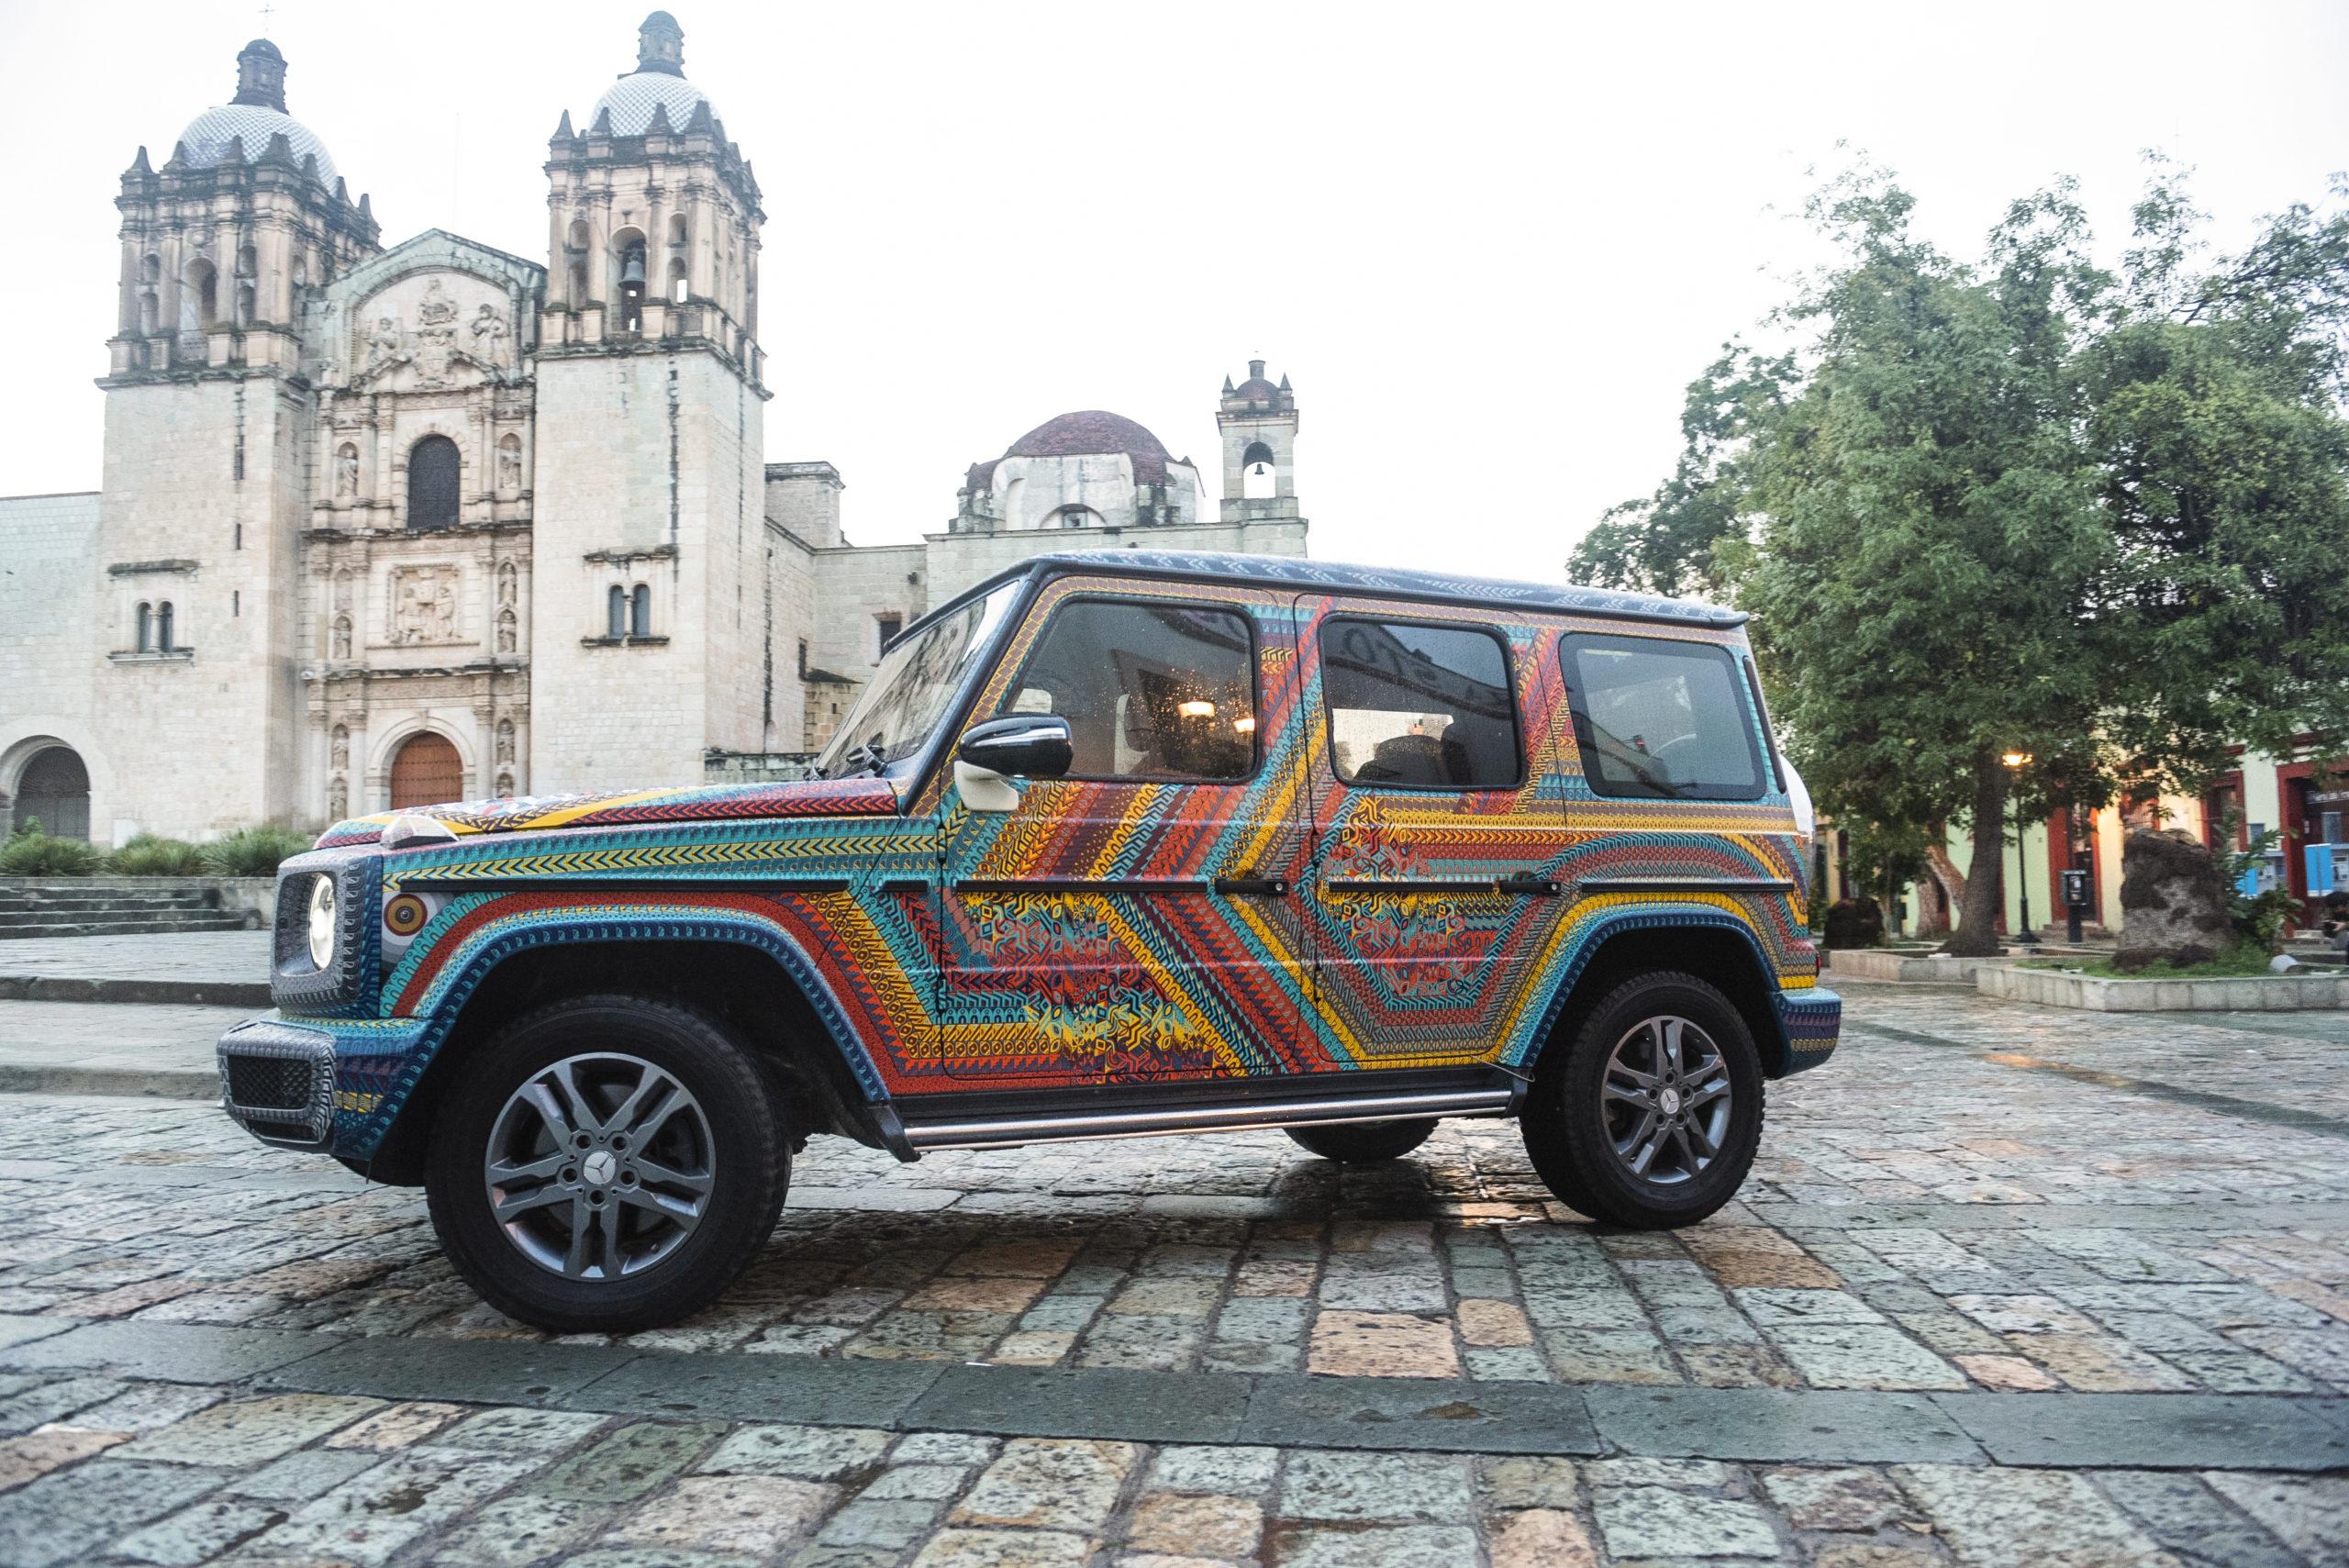 Artesanos oaxaqueños transforman camioneta de Mercedes-Benz en alebrije